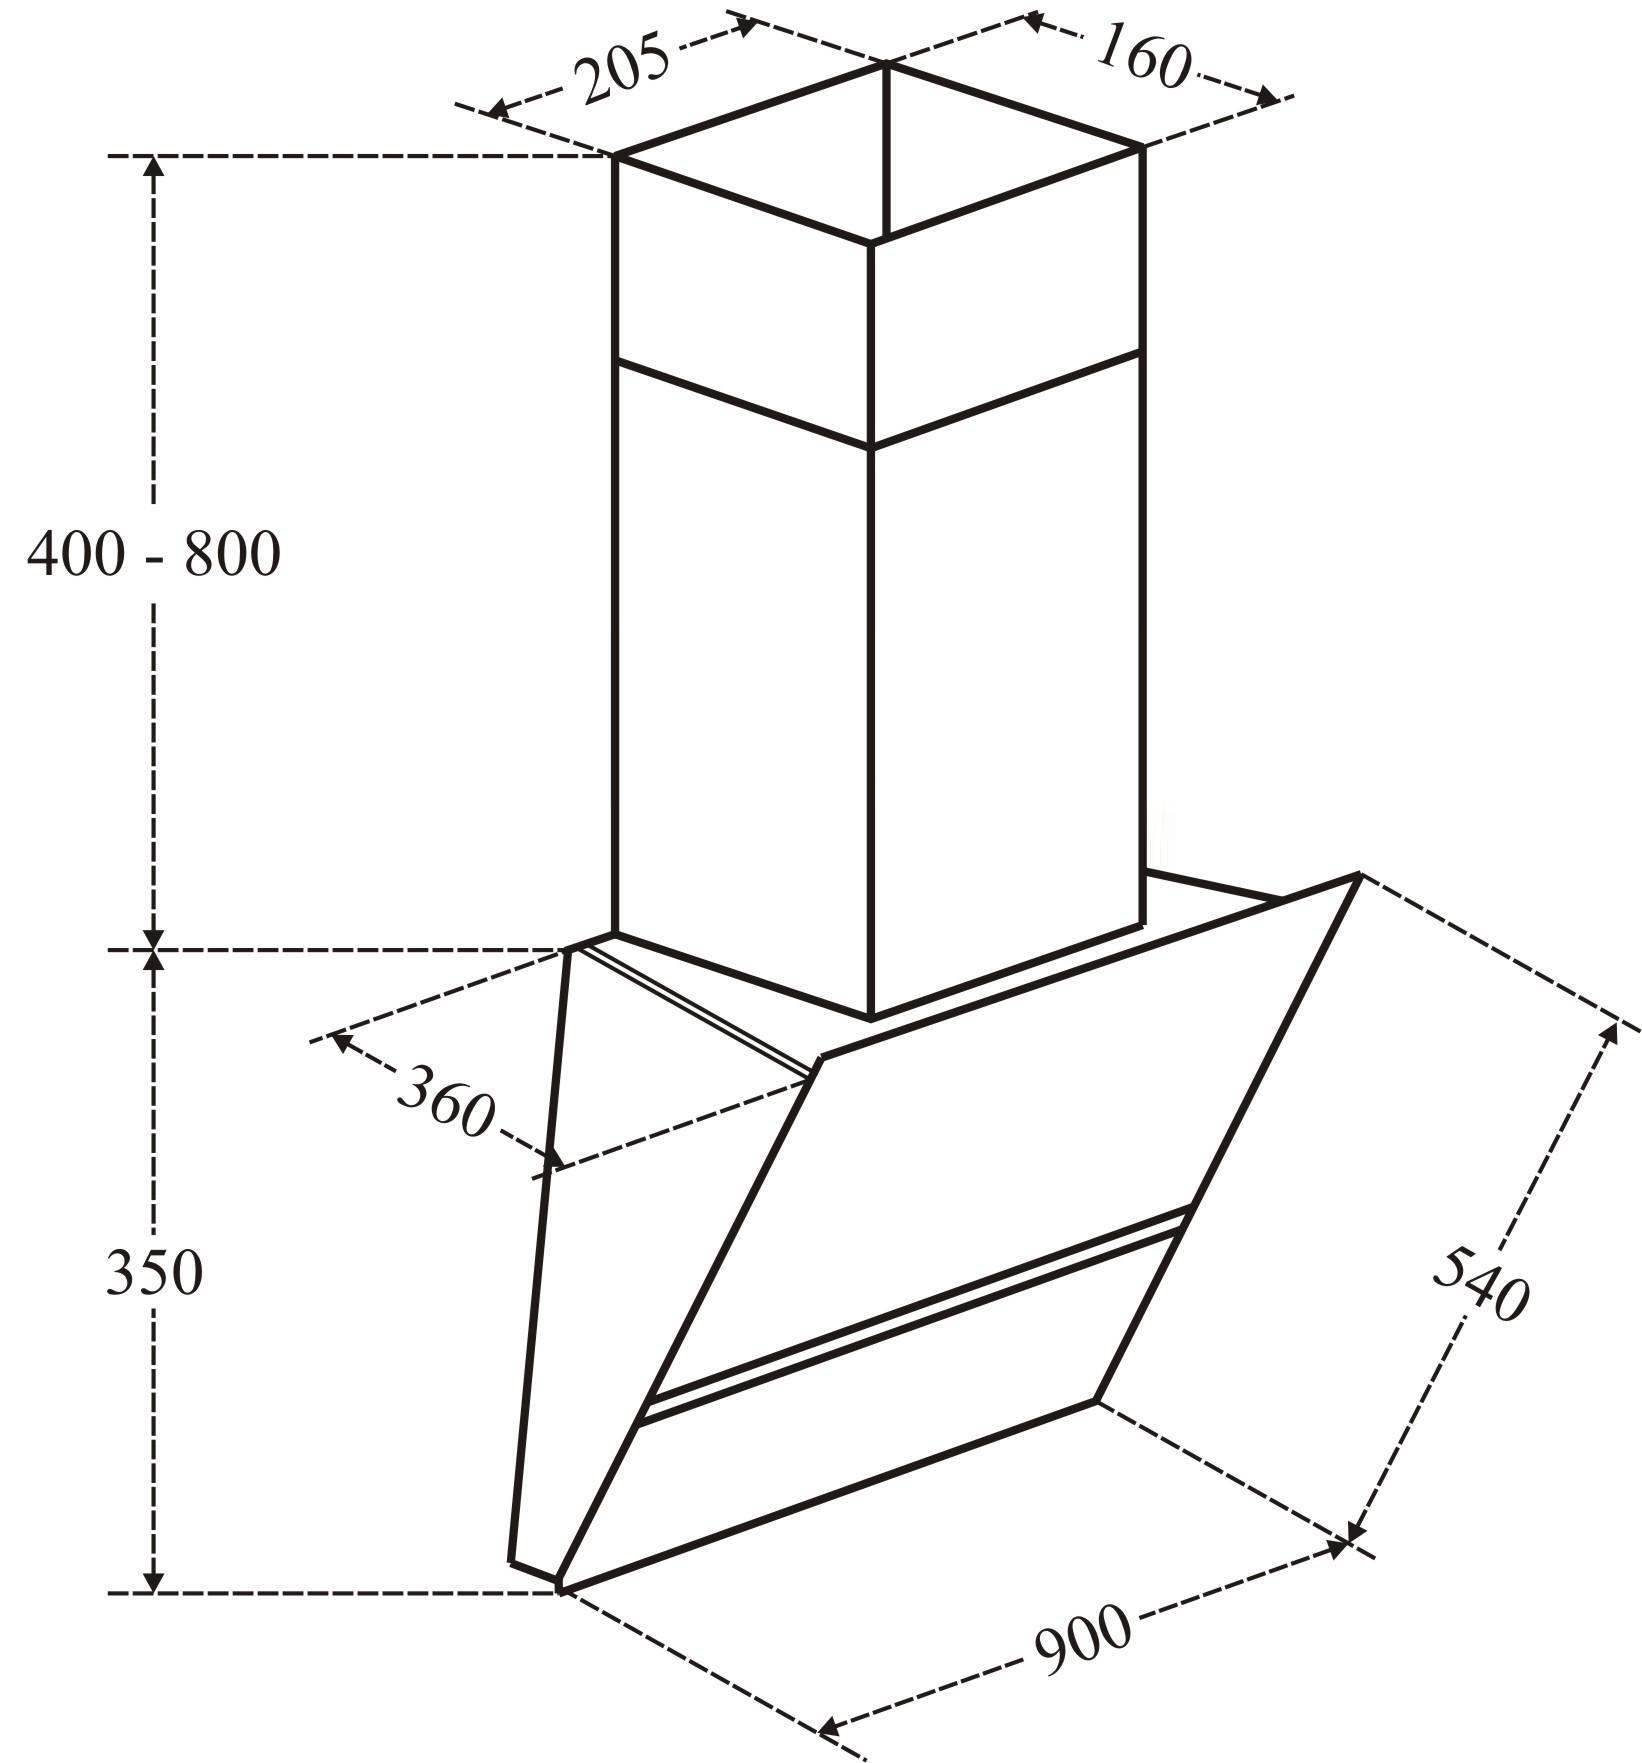 hut-mui-dmestik-Mod-3000-BL-90.jpg_product